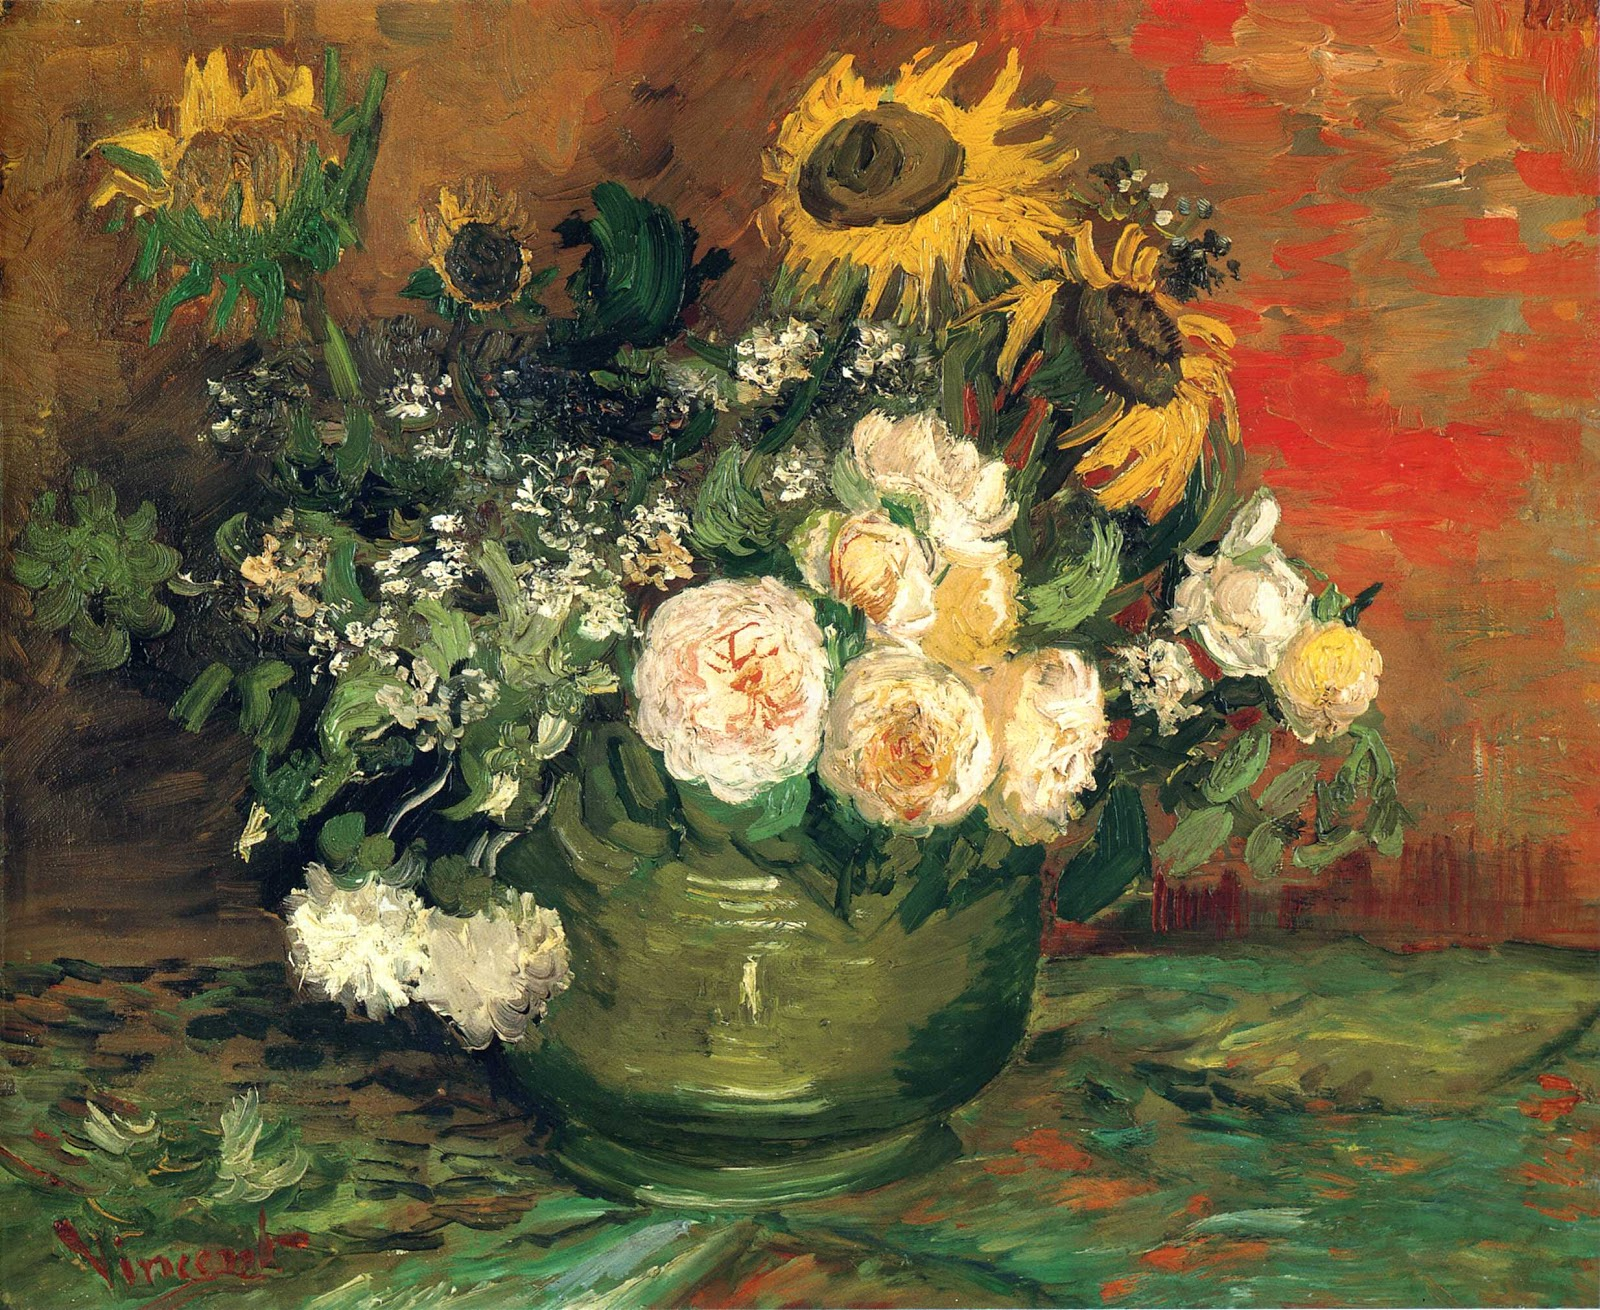 ART & ARTISTS Vincent van Gogh Flowers part 1